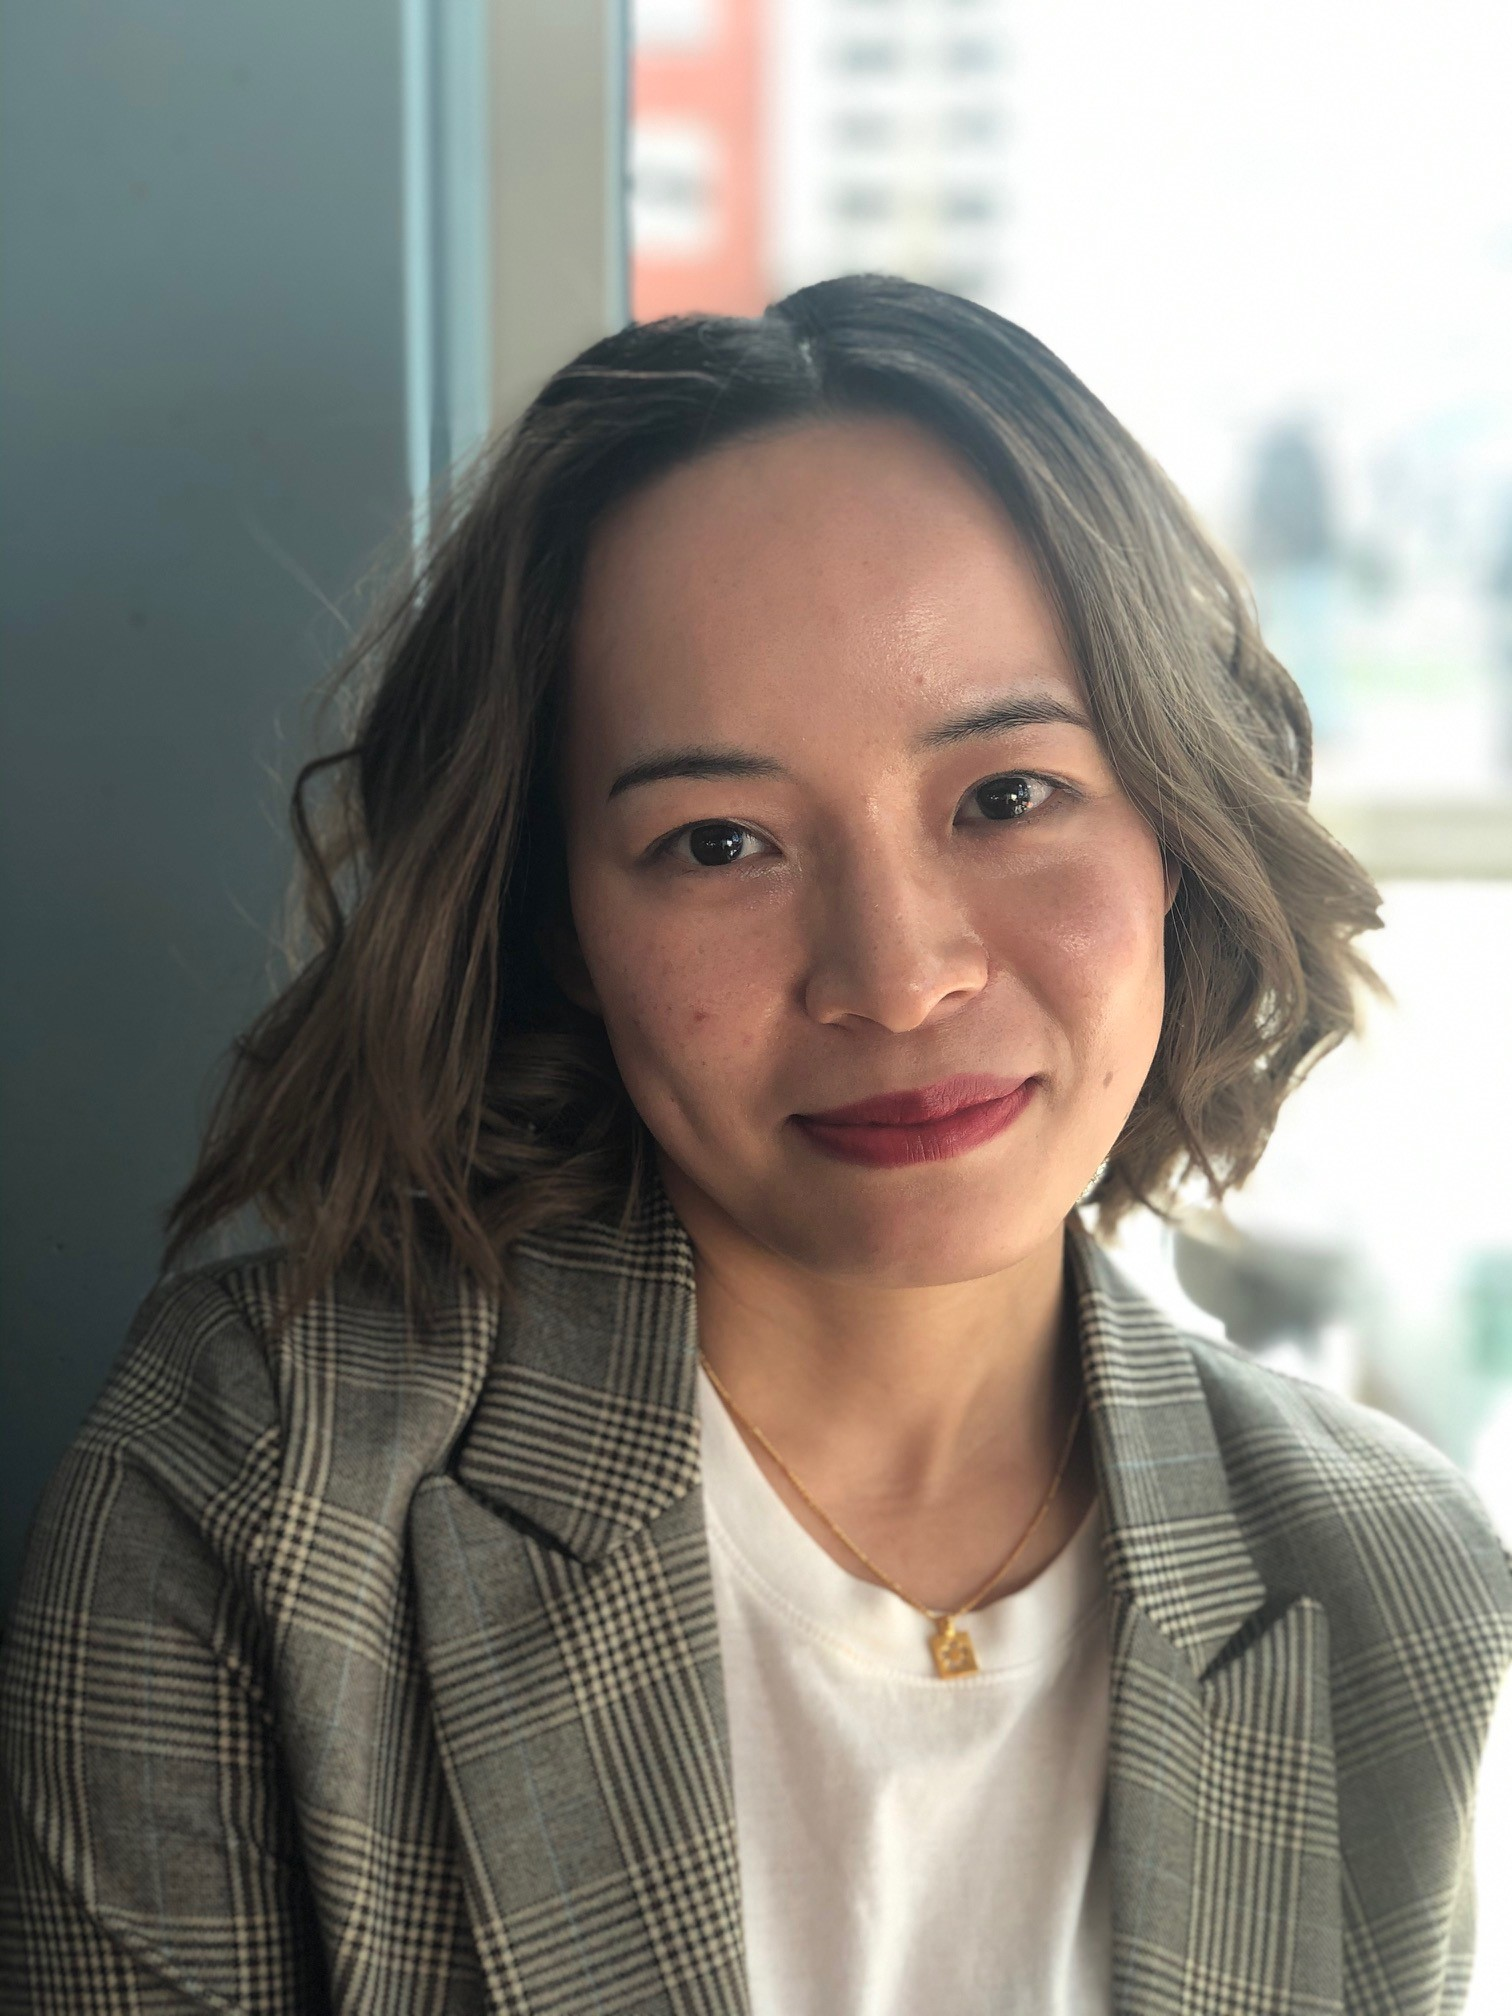 Wenna Chen